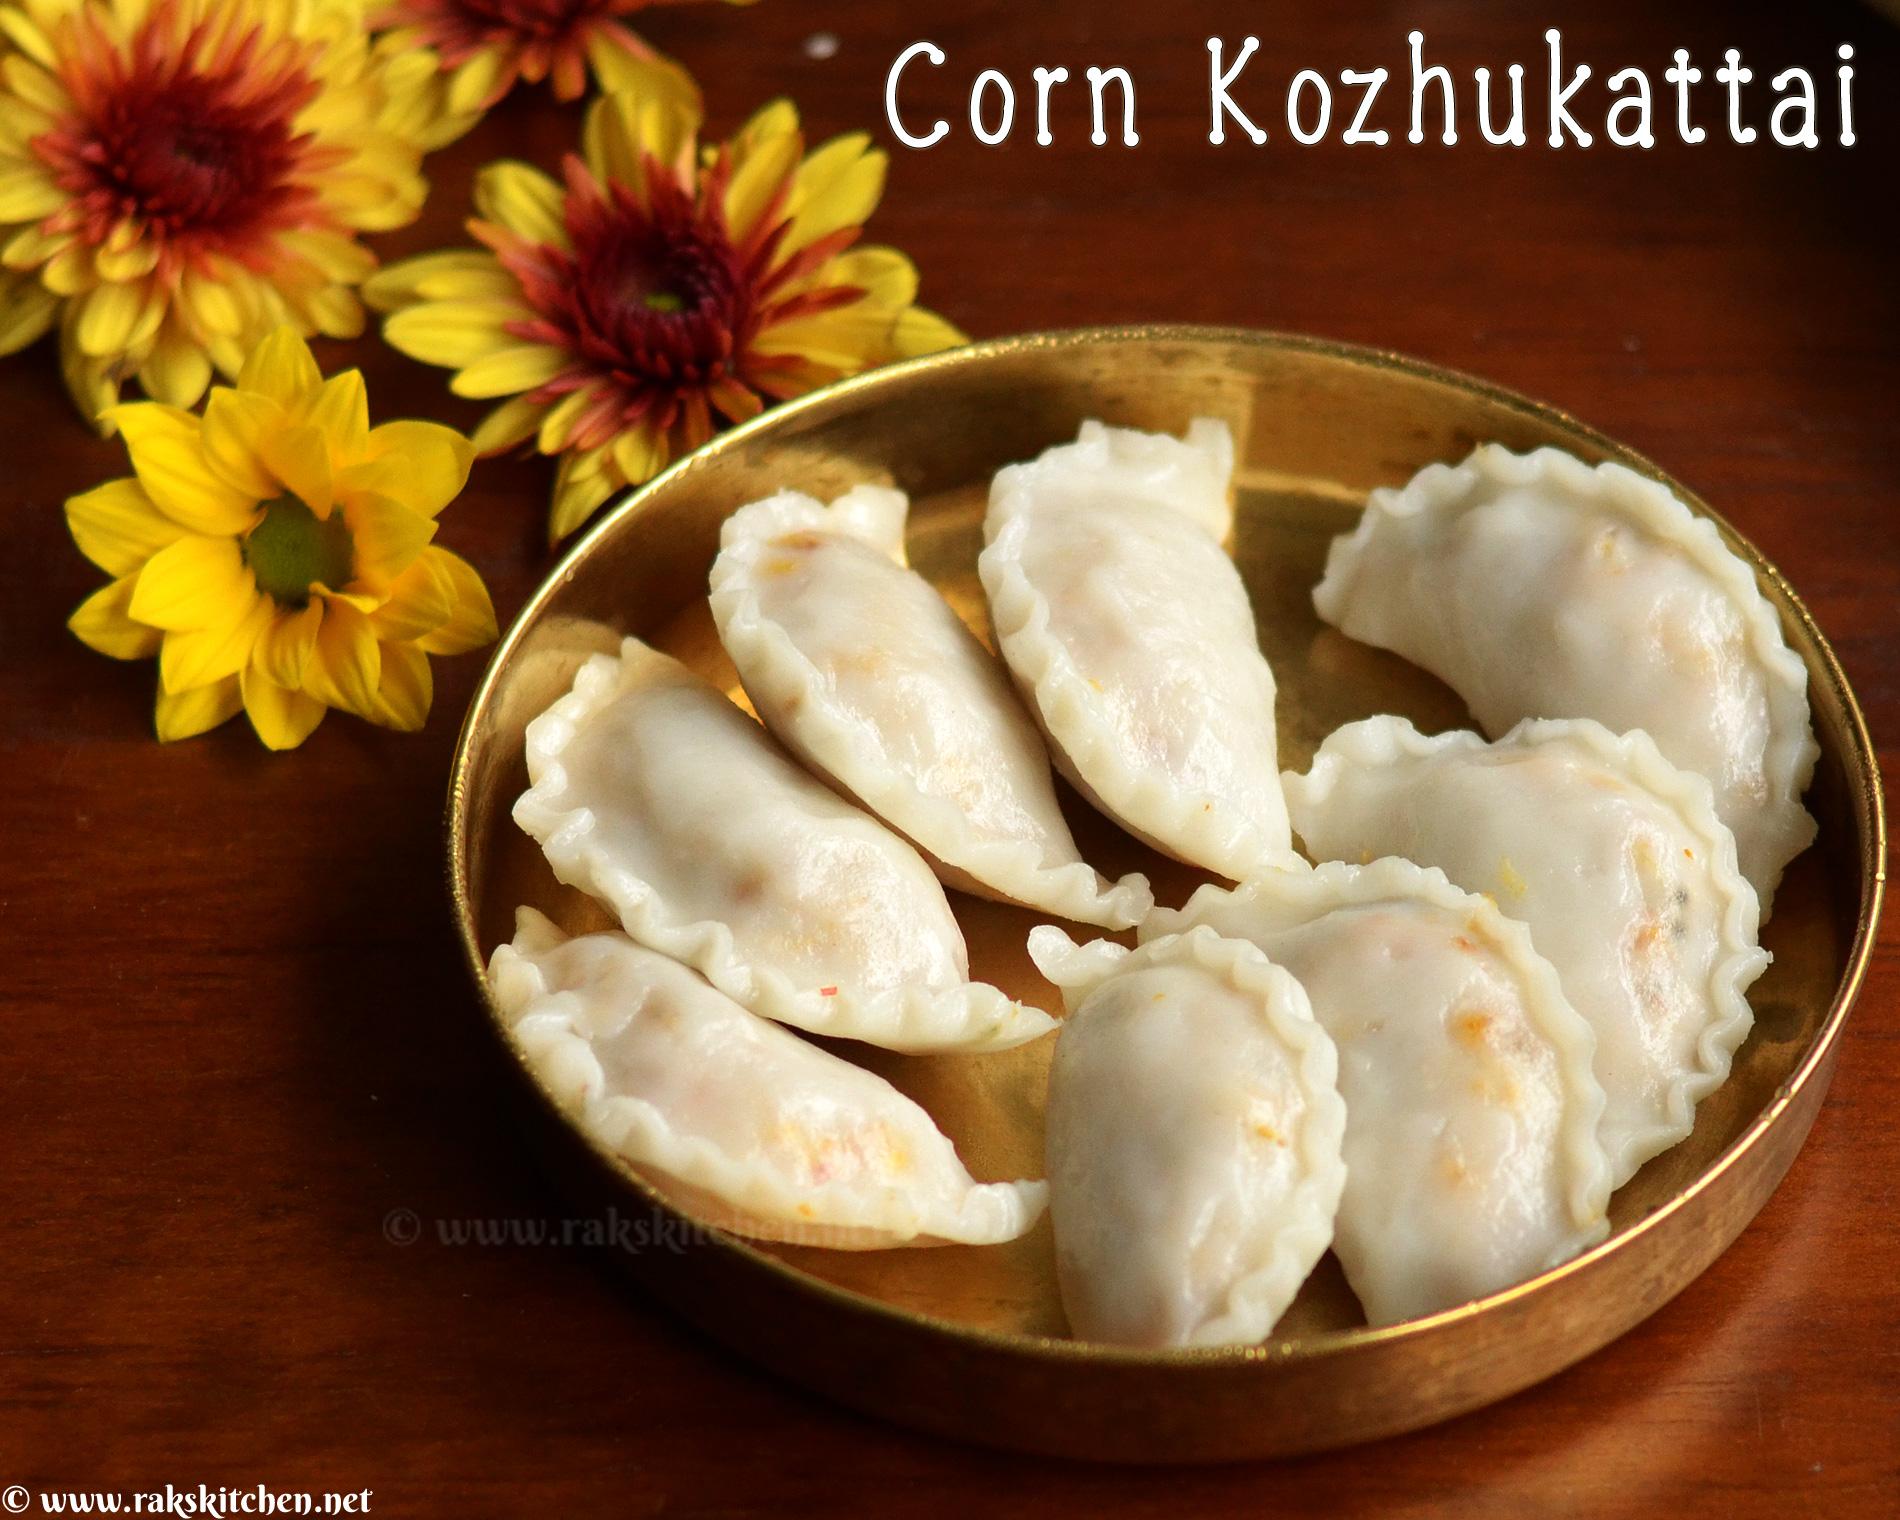 corn-kozhukattai-recipe